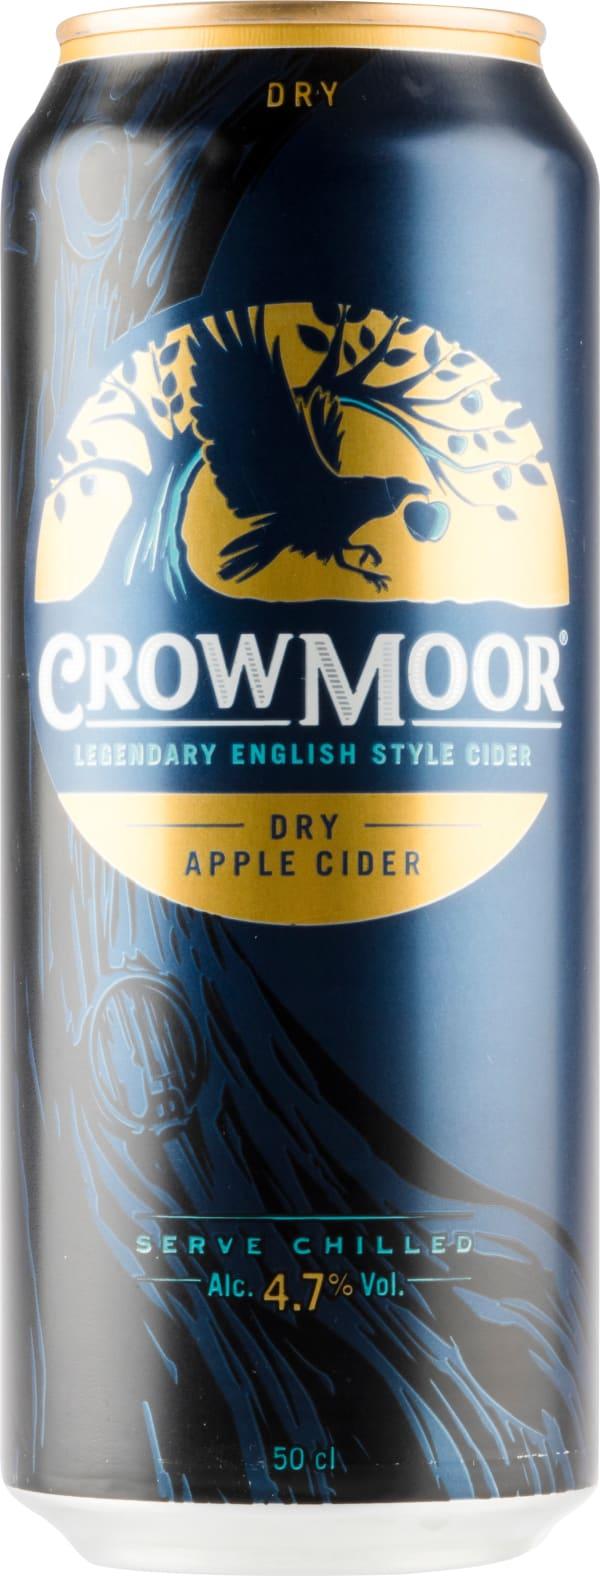 Crowmoor Dry burk